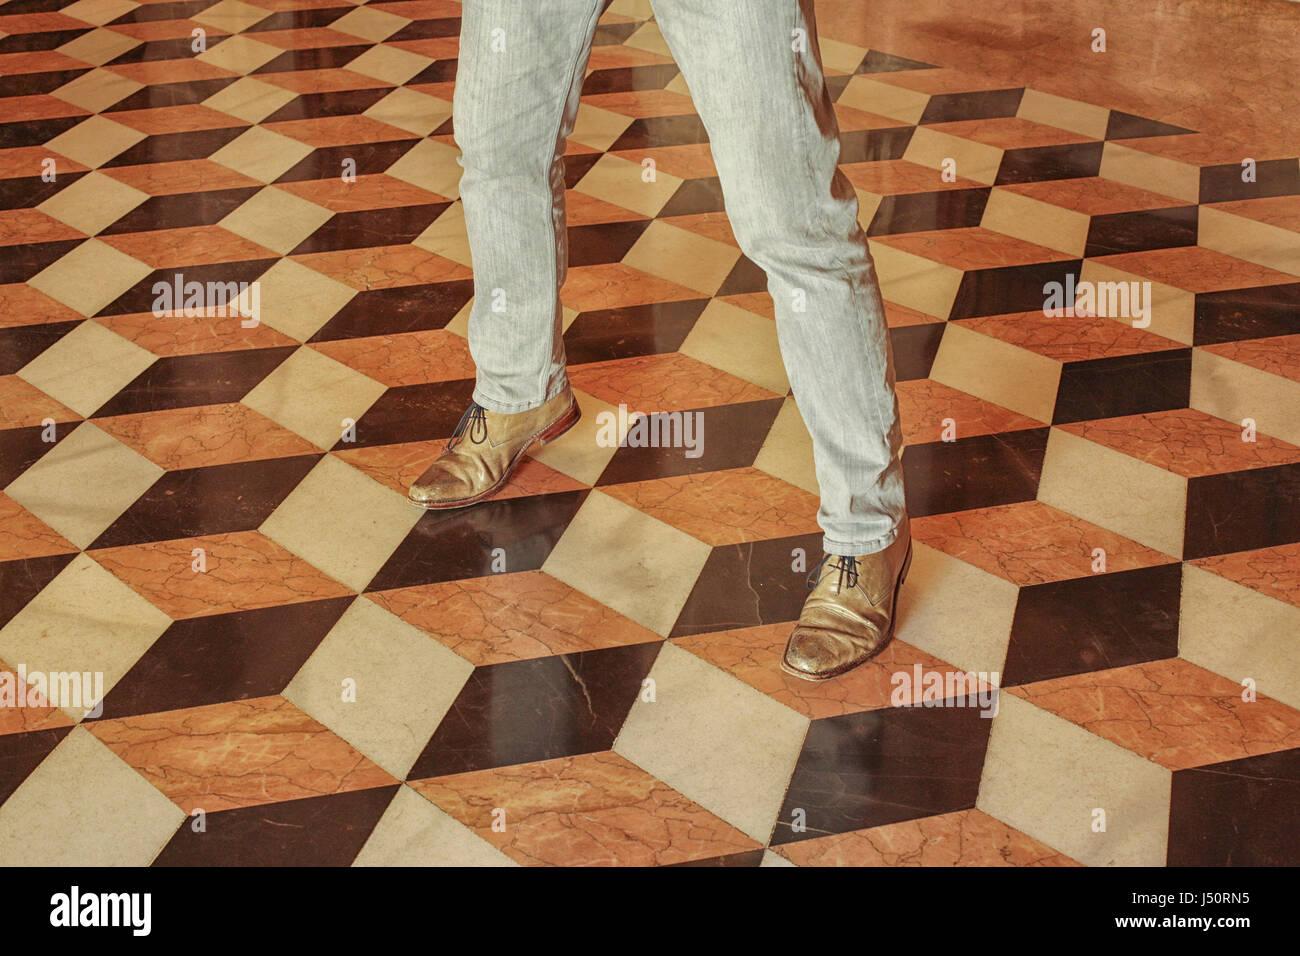 Uomo in piedi sull illusione ottica le piastrelle del pavimento